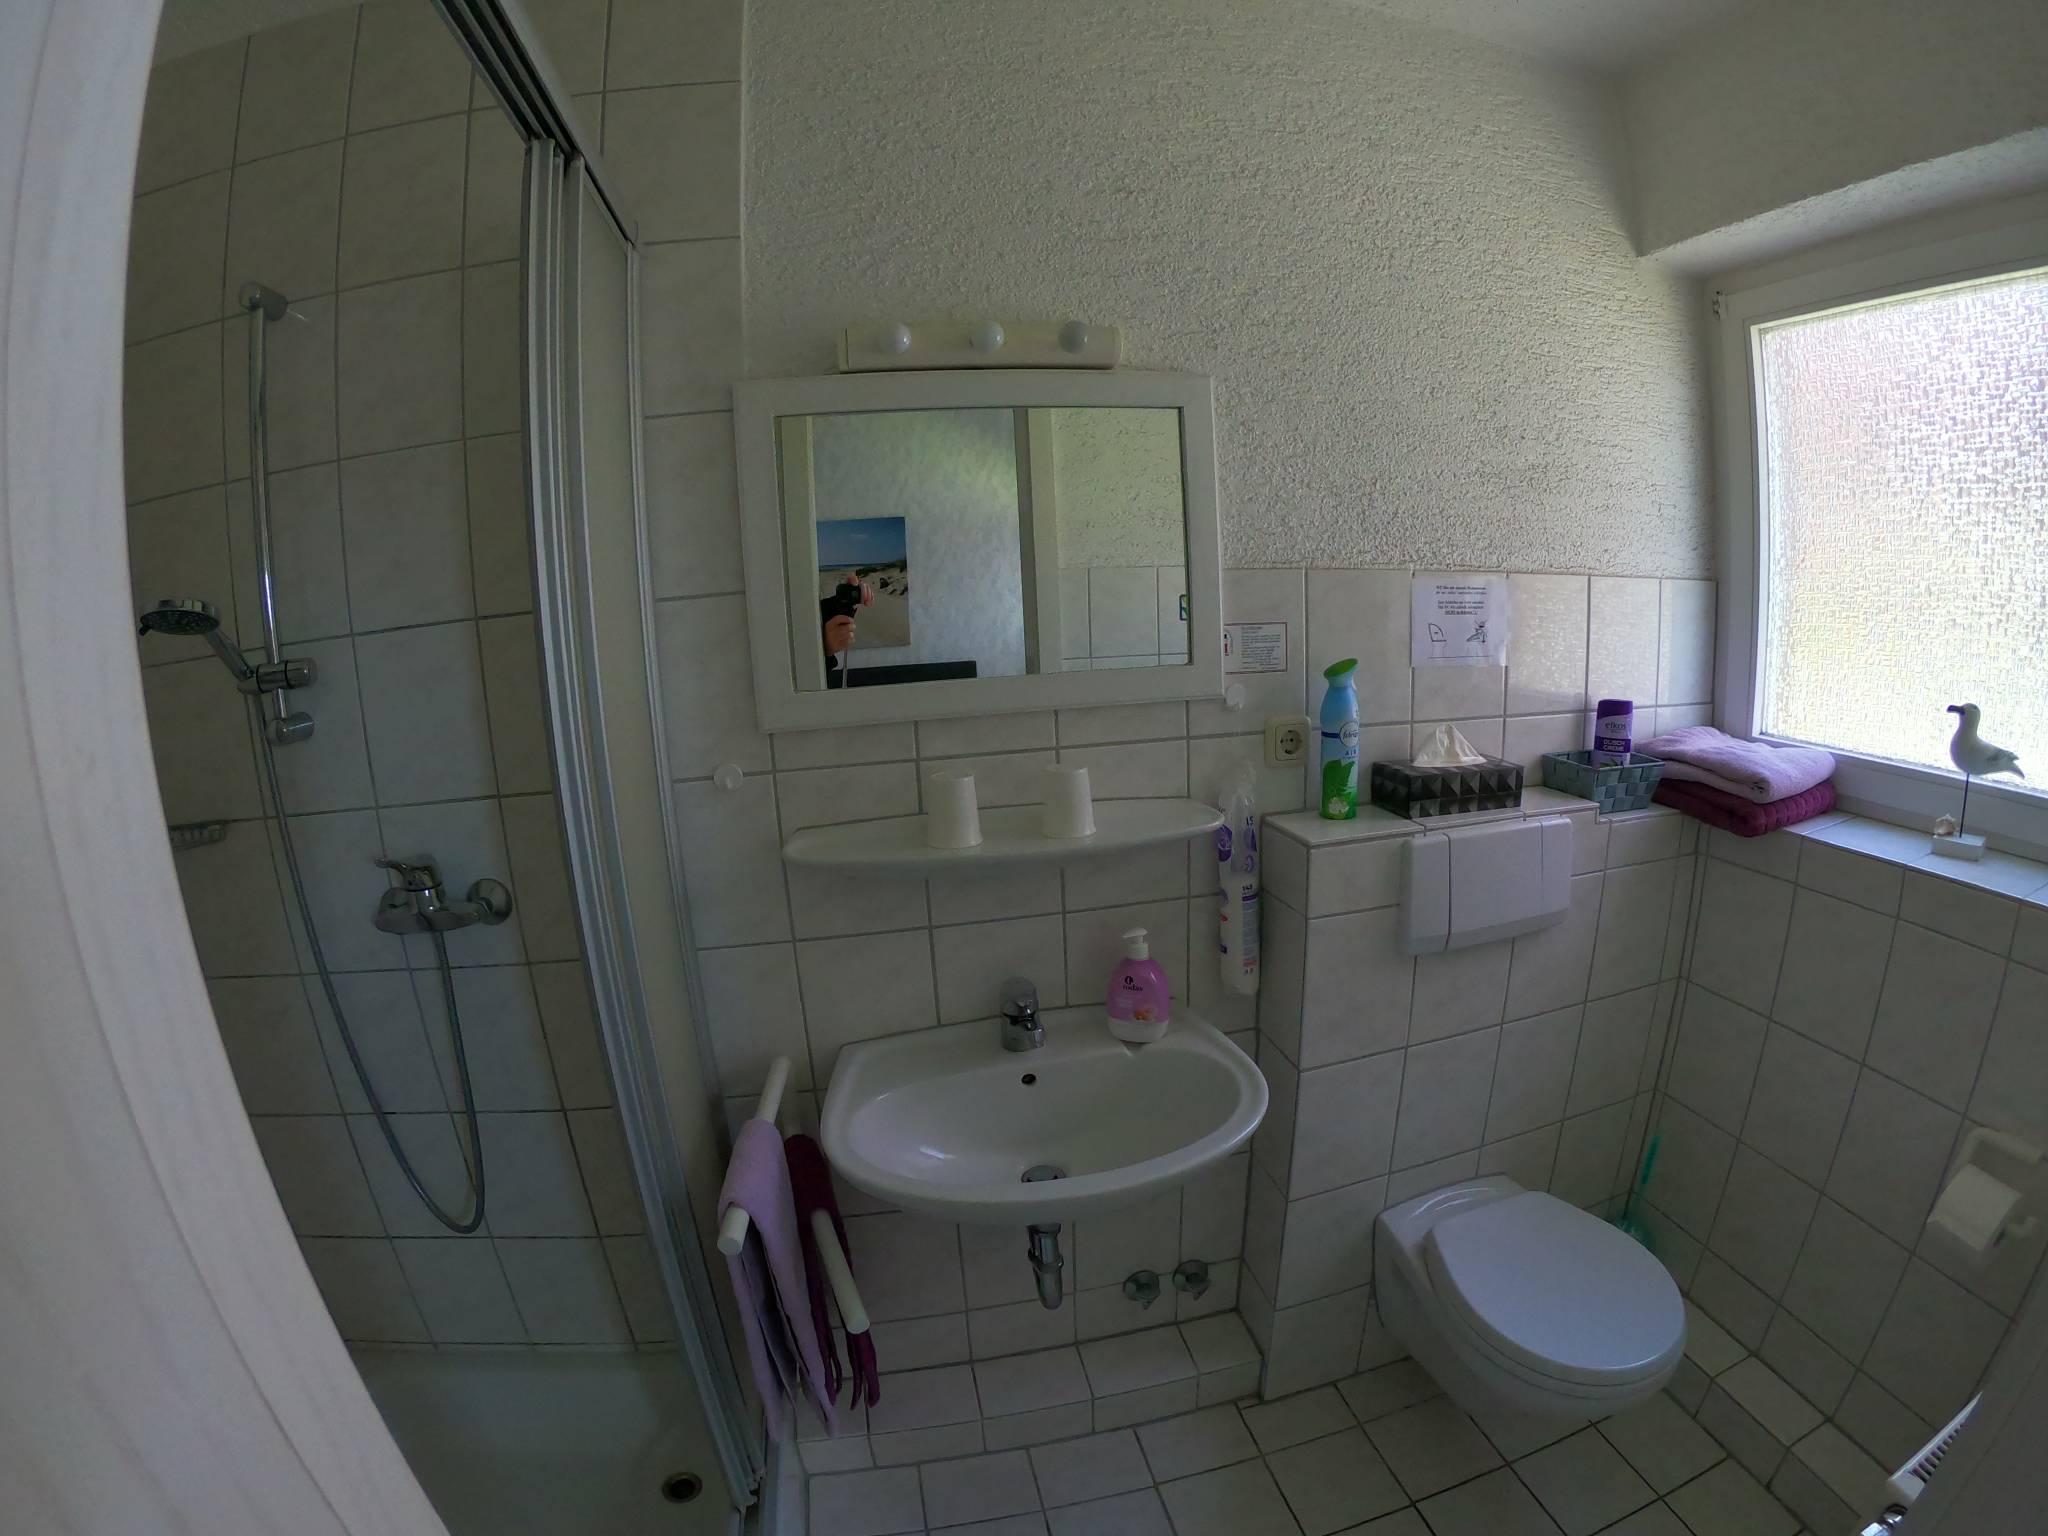 Badezimmer, Dusche, Waschtisch, WC